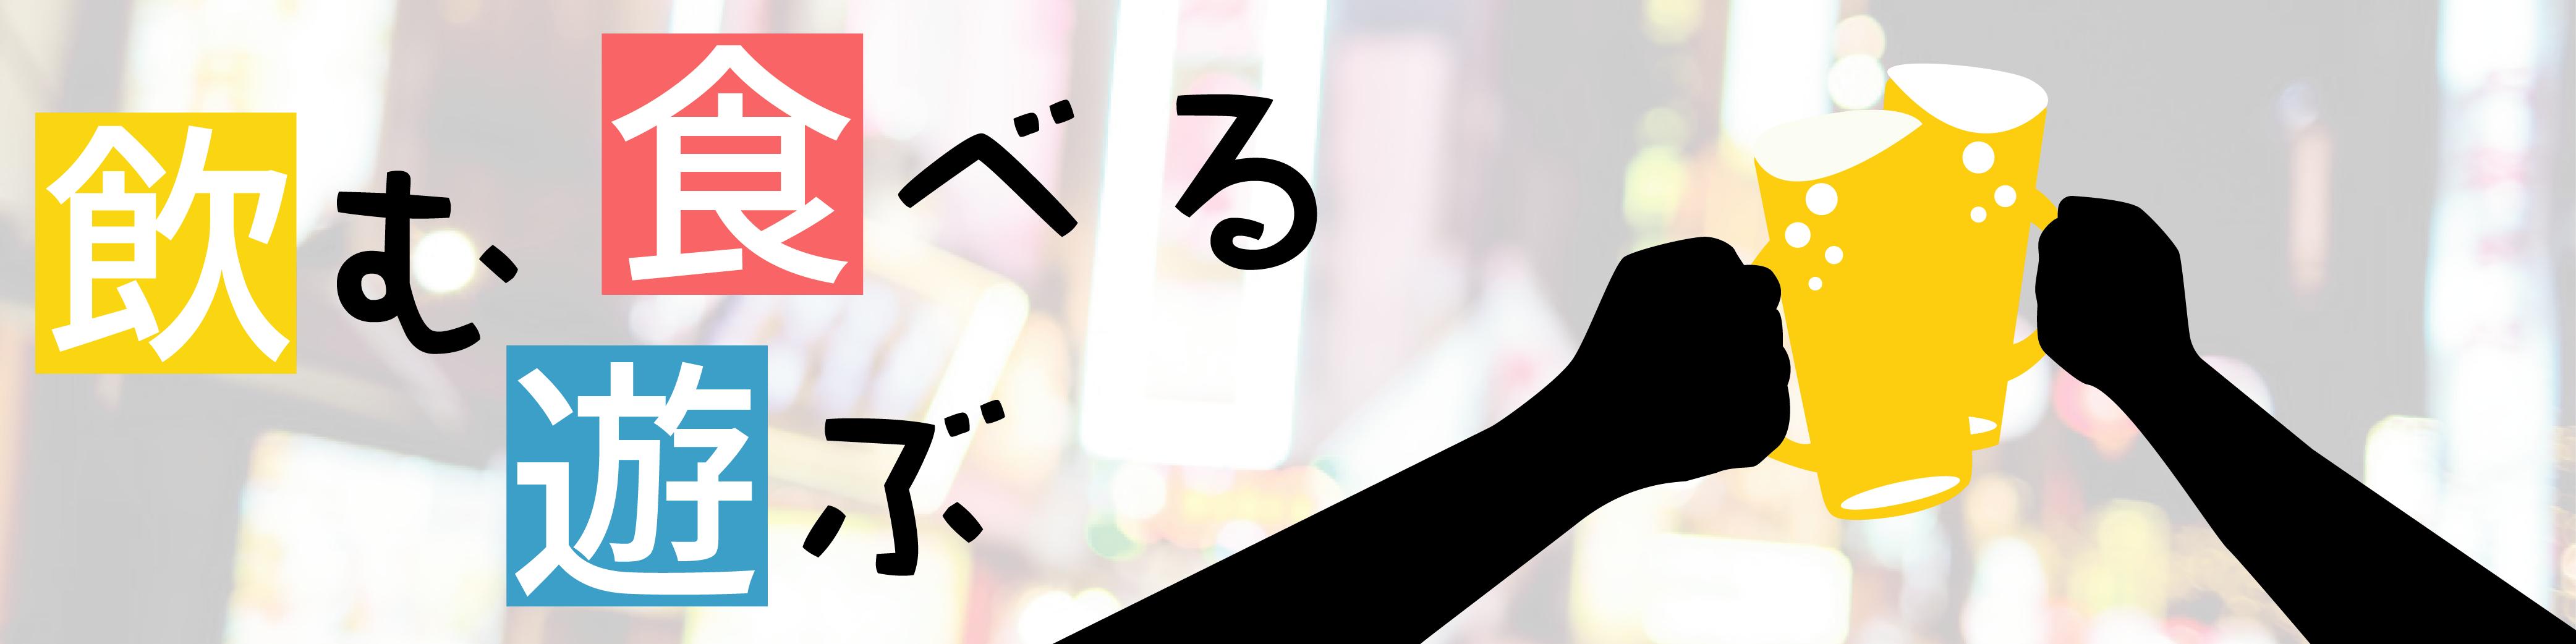 【吃喝玩樂誌】日本PARCO「氣味展」 一次嗅盡世界芳香惡臭